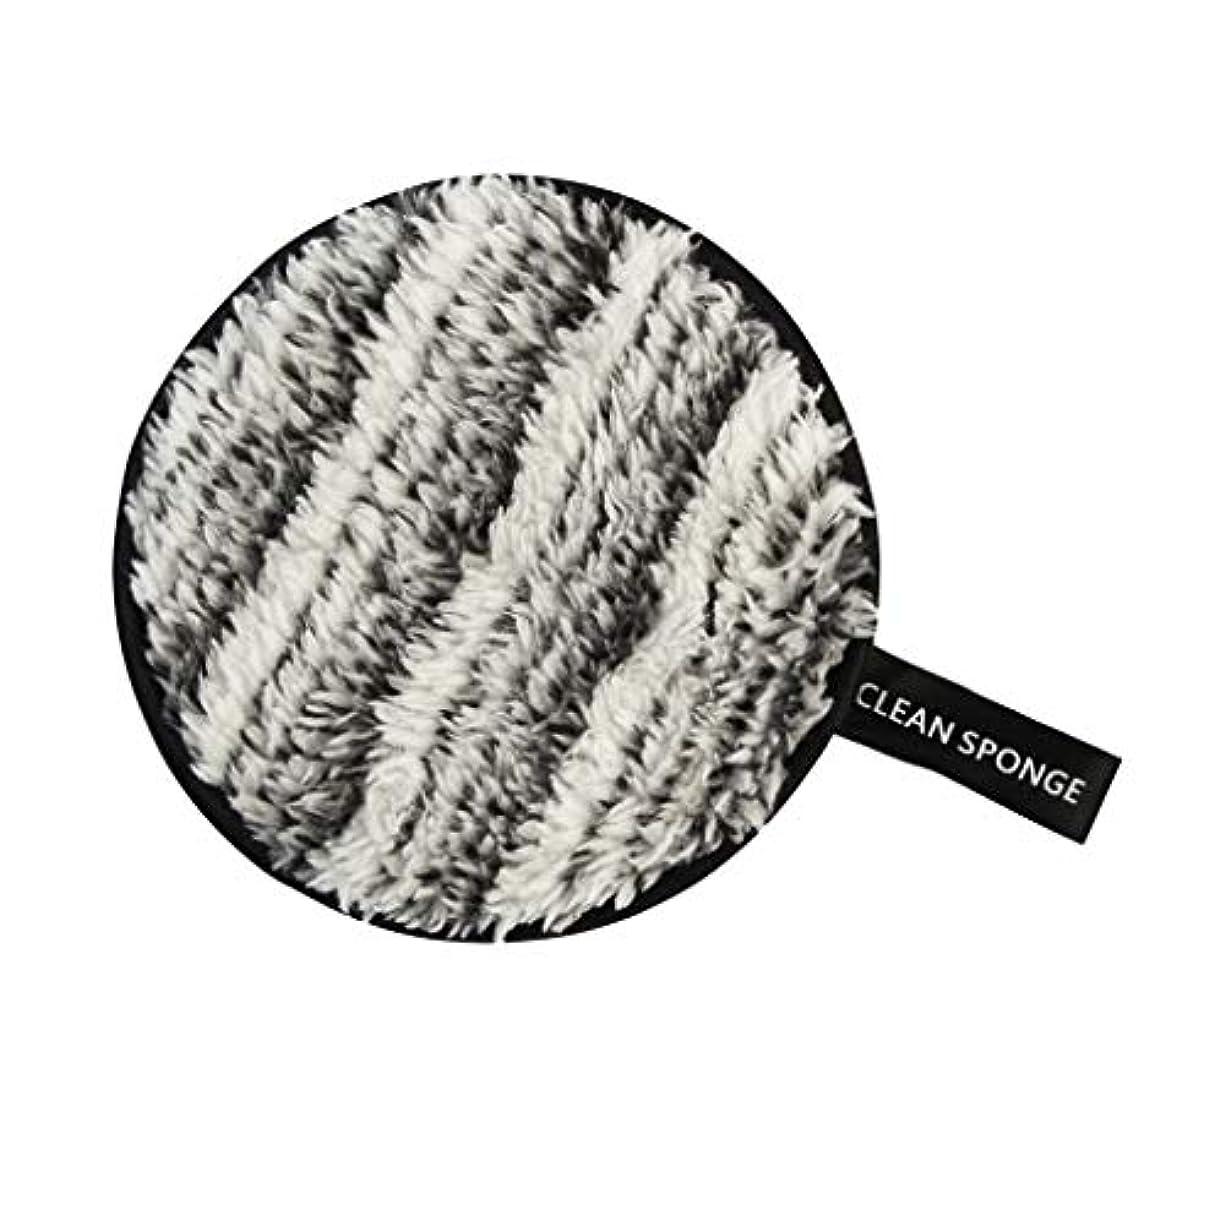 についてチチカカ湖正義再利用可能 洗顔パフ メイクアップ スポンジ 全6色 - 黒+白